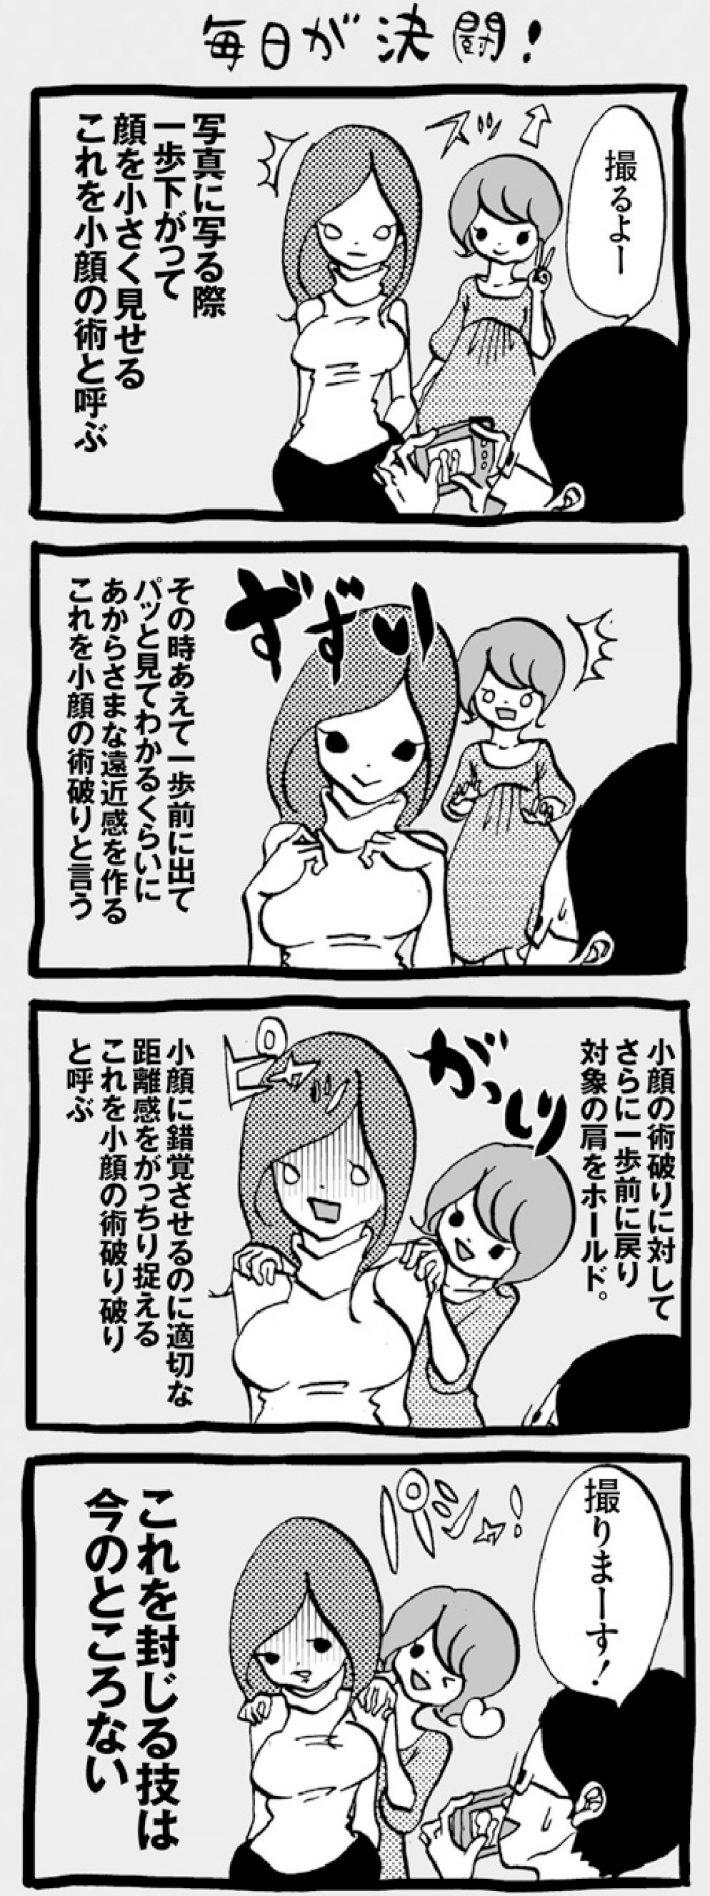 アラサーちゃん無修正_01_page-0034-2